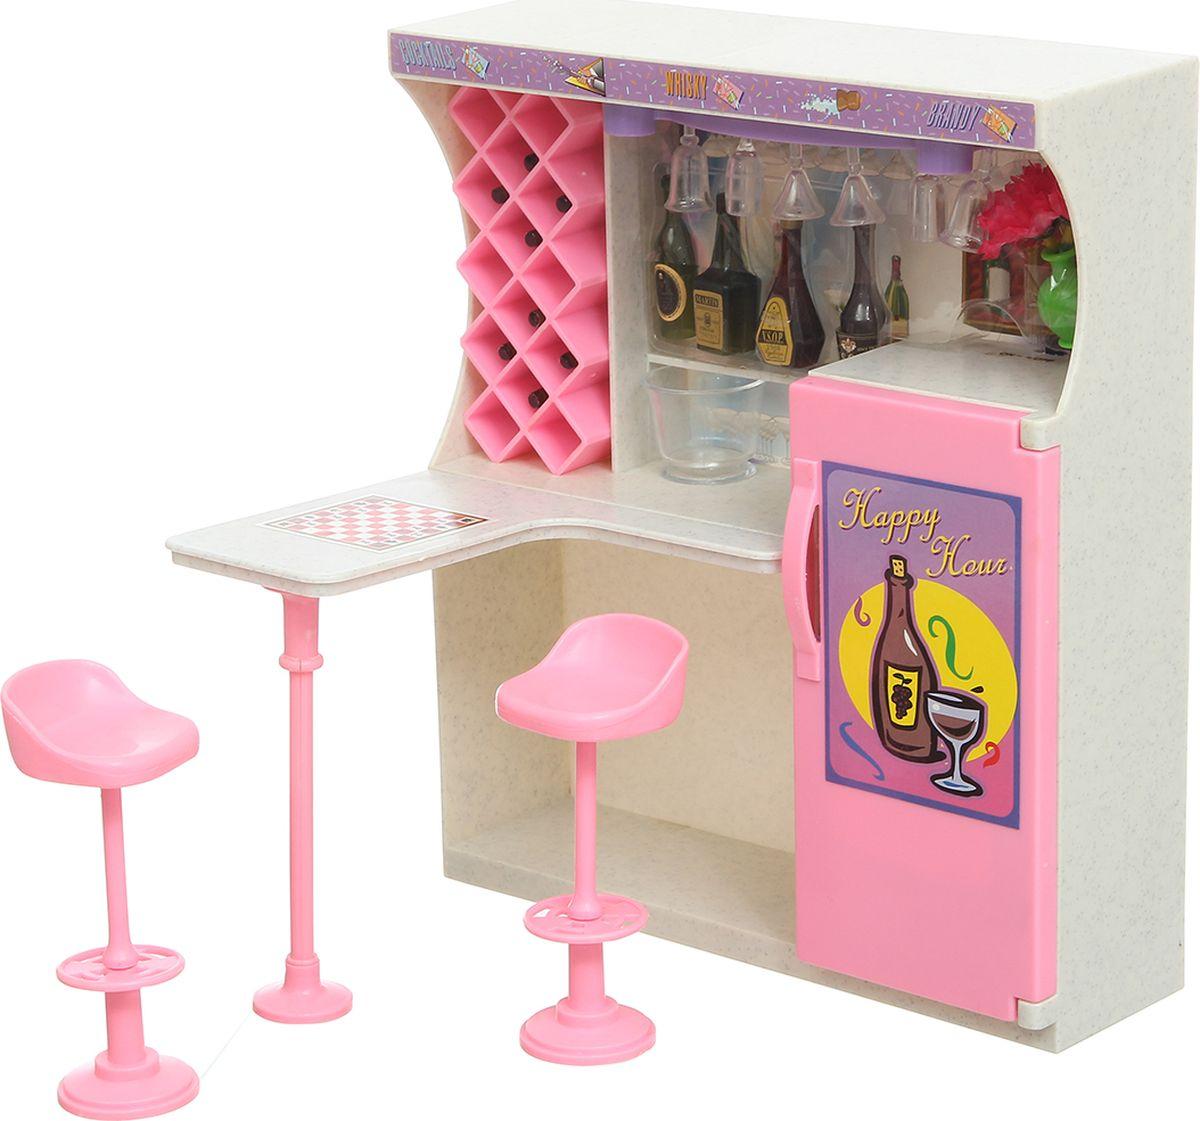 s s toys игровой набор дартс с дротиками 200003538 S+S Toys Мебель для кукол Уютная квартирка со светом